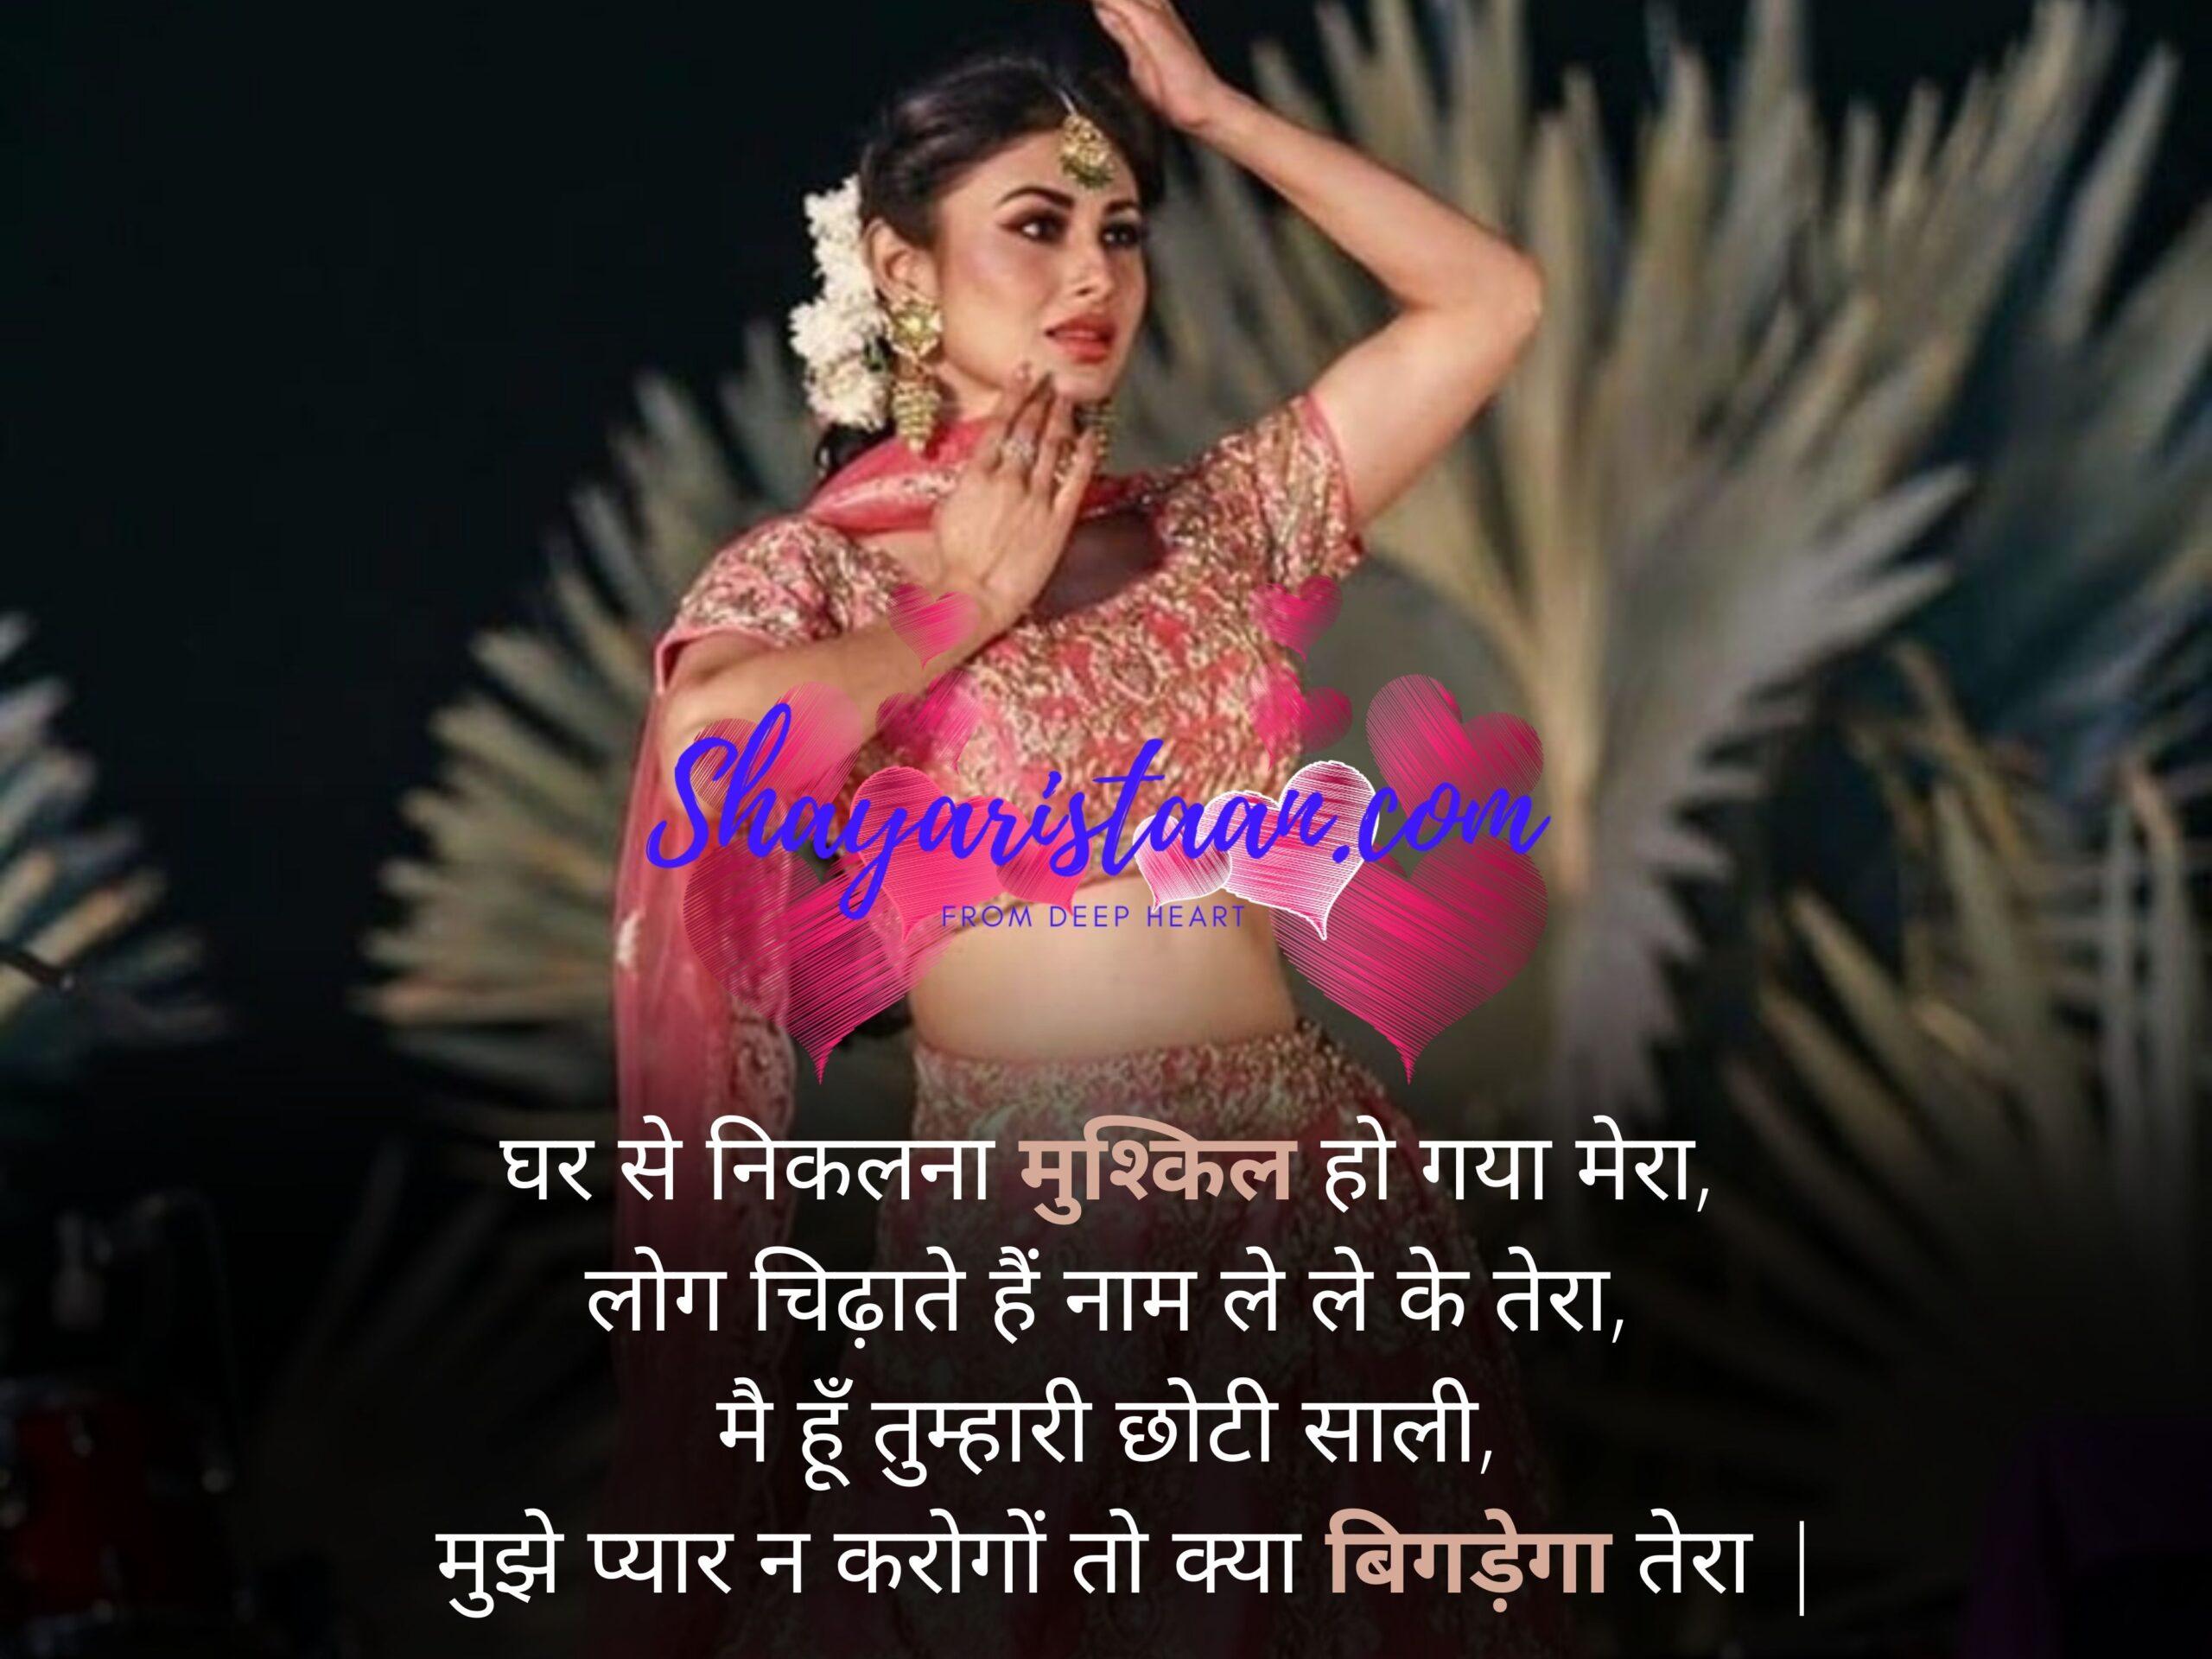 jija sali romantic sms in hindi   घर से निकलना मुश्किल हो गया मेरा, लोग चिढ़ाते हैं नाम ले ले के तेरा, मै हूँ तुम्हारी छोटी साली, मुझे प्यार न करोगों तो क्या बिगड़ेगा तेरा  